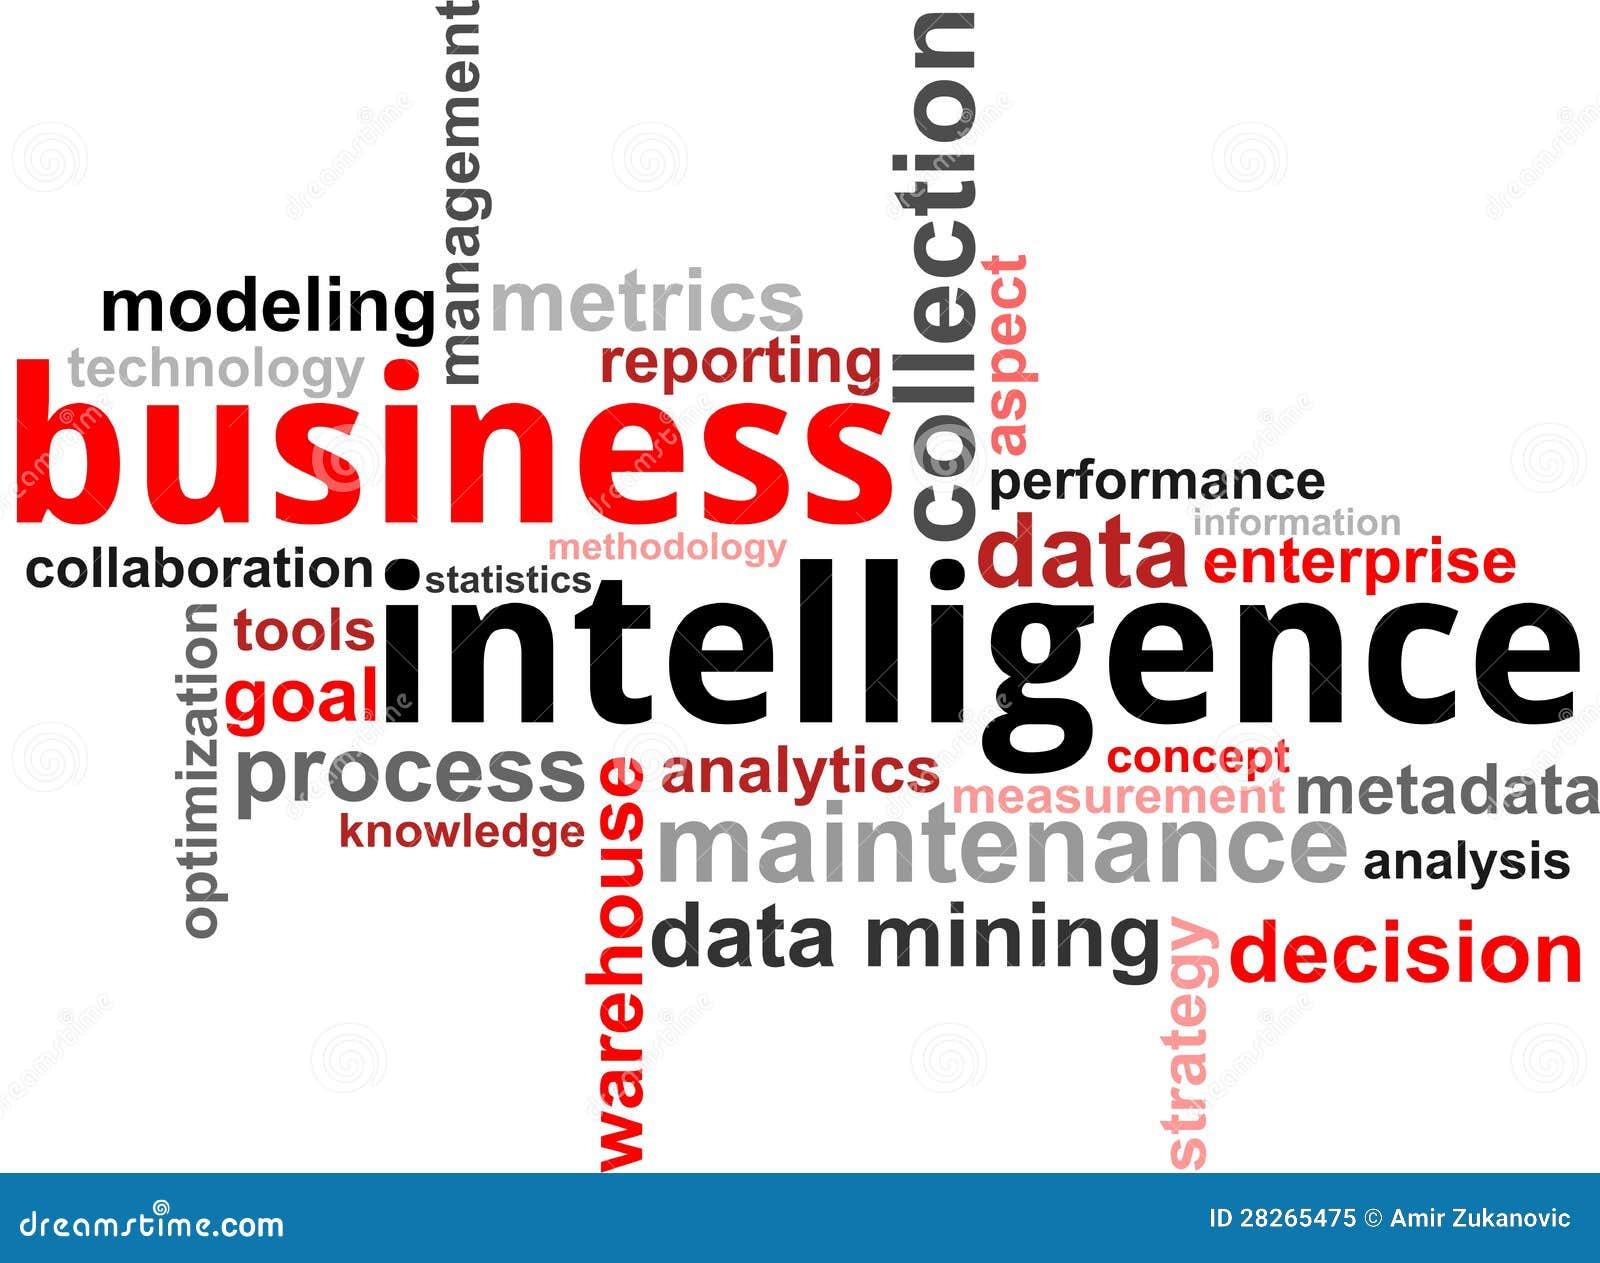 Nuage de mot - business intelligence